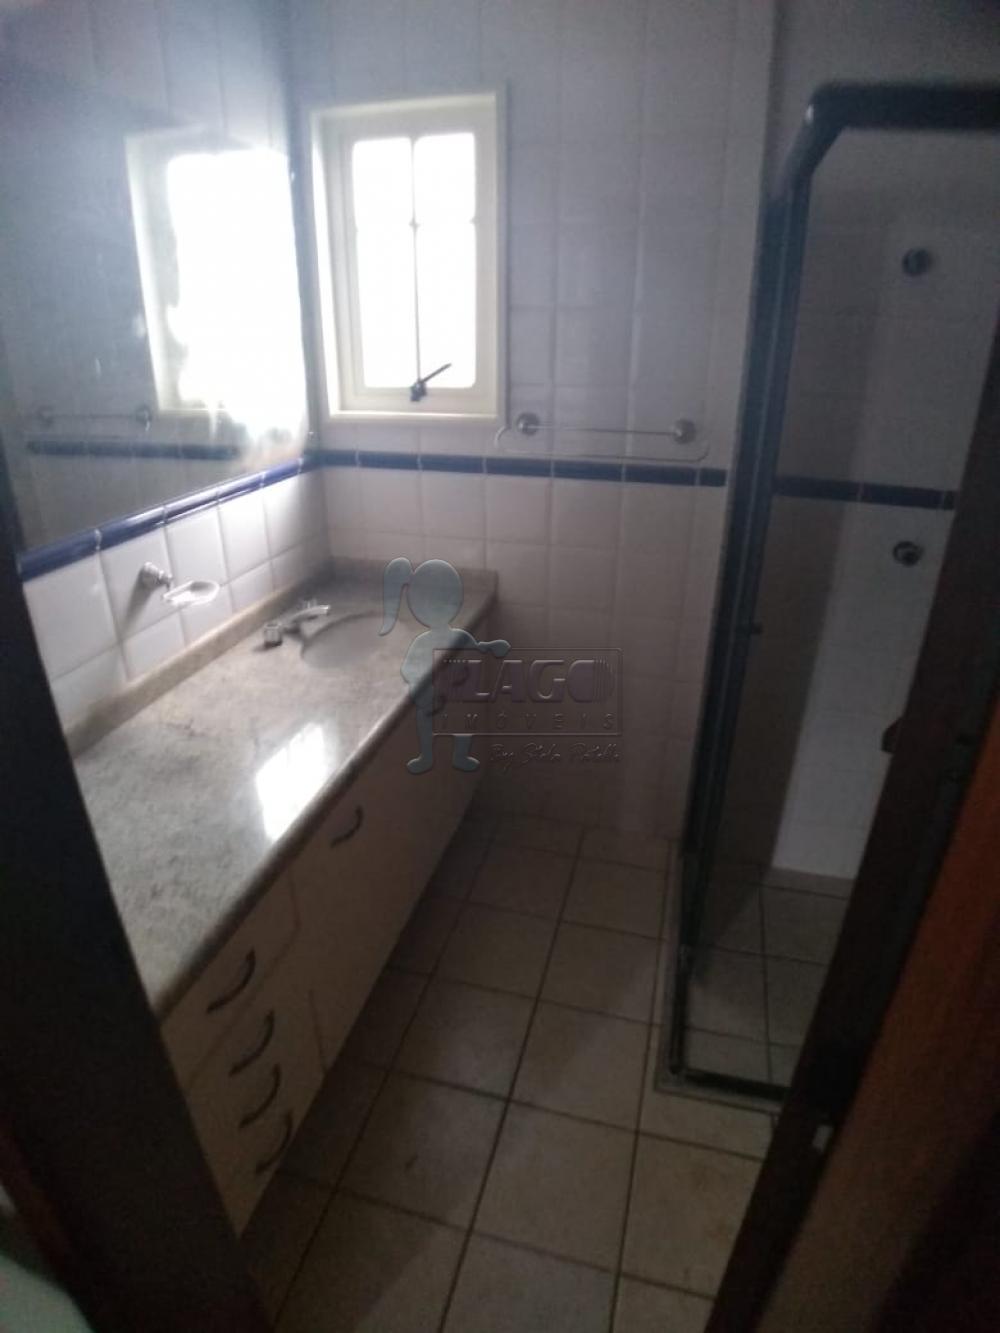 Alugar Casas / Condomínio em Ribeirão Preto apenas R$ 3.200,00 - Foto 21